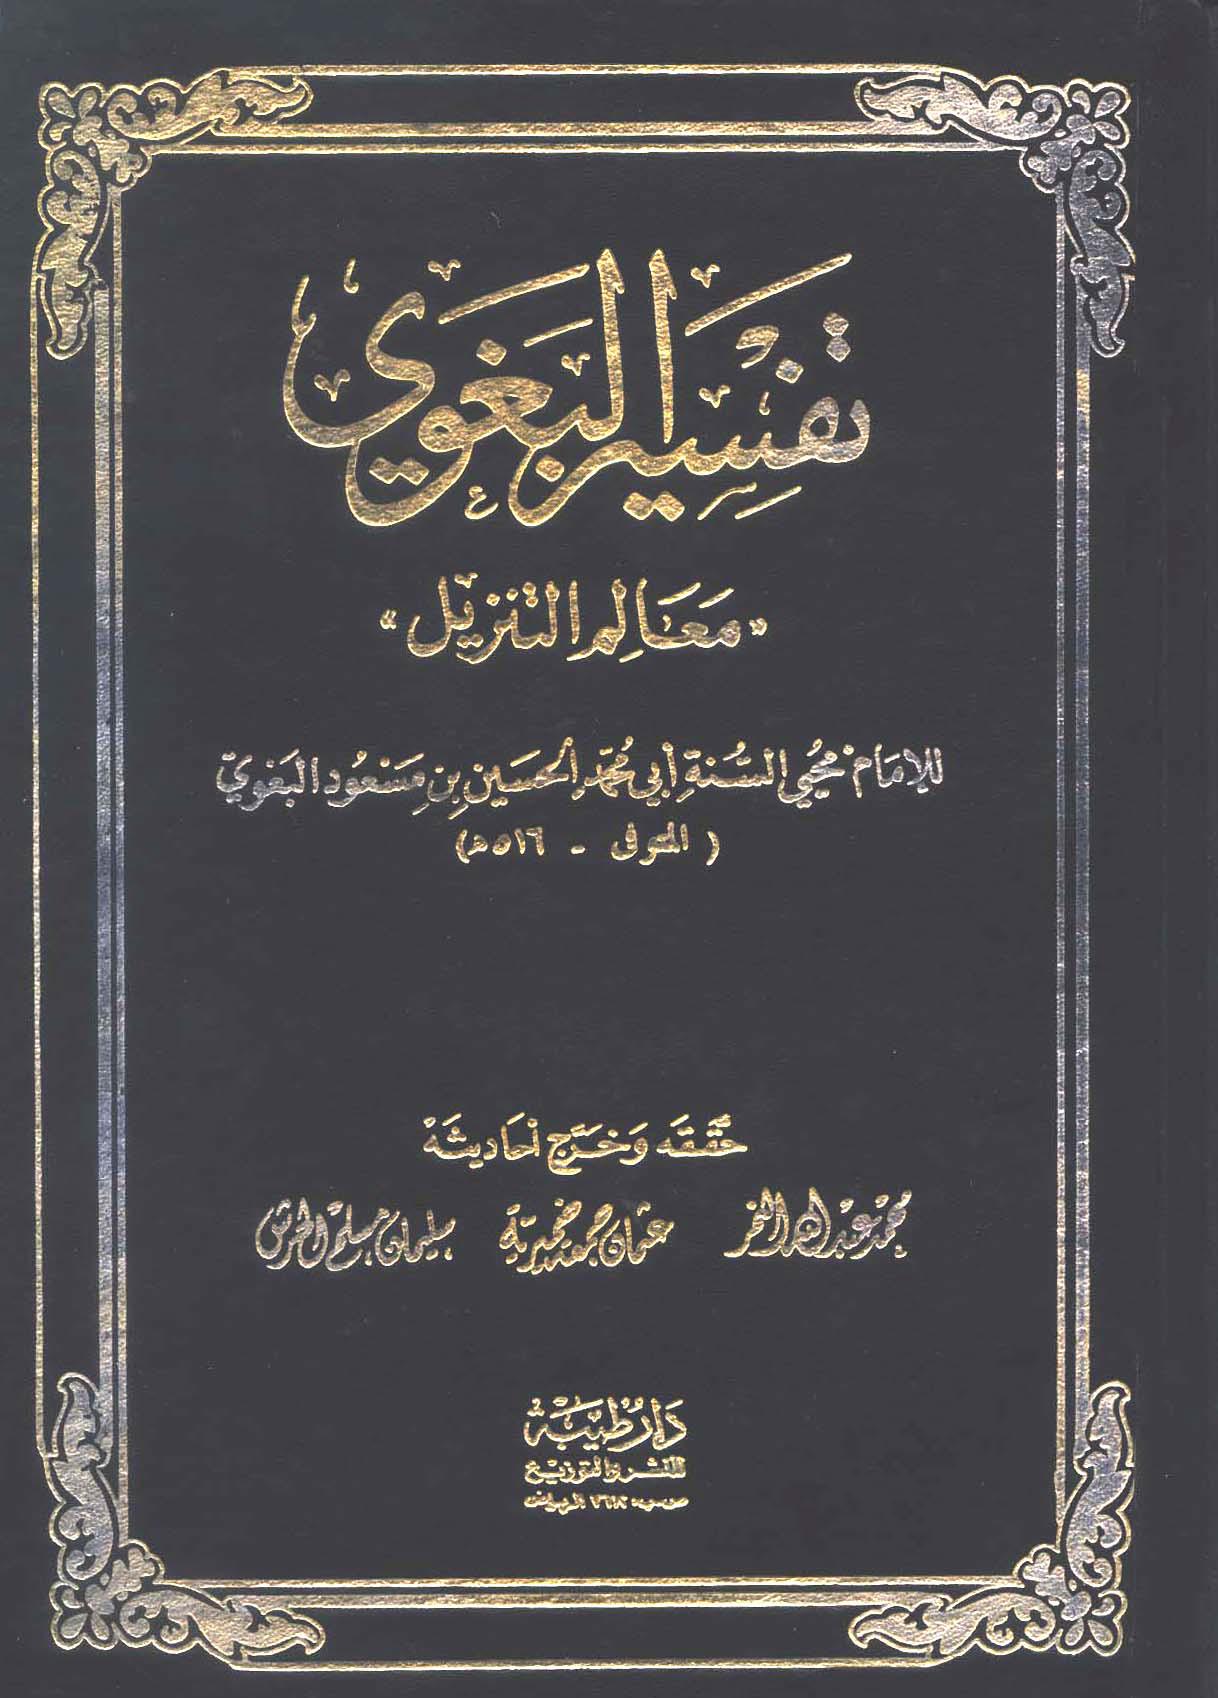 تحميل كتاب تفسير البغوي (معالم التنزيل) لـِ: الإمام محيي السنة أبو محمد الحسين بن مسعود البغوي (ت 516)